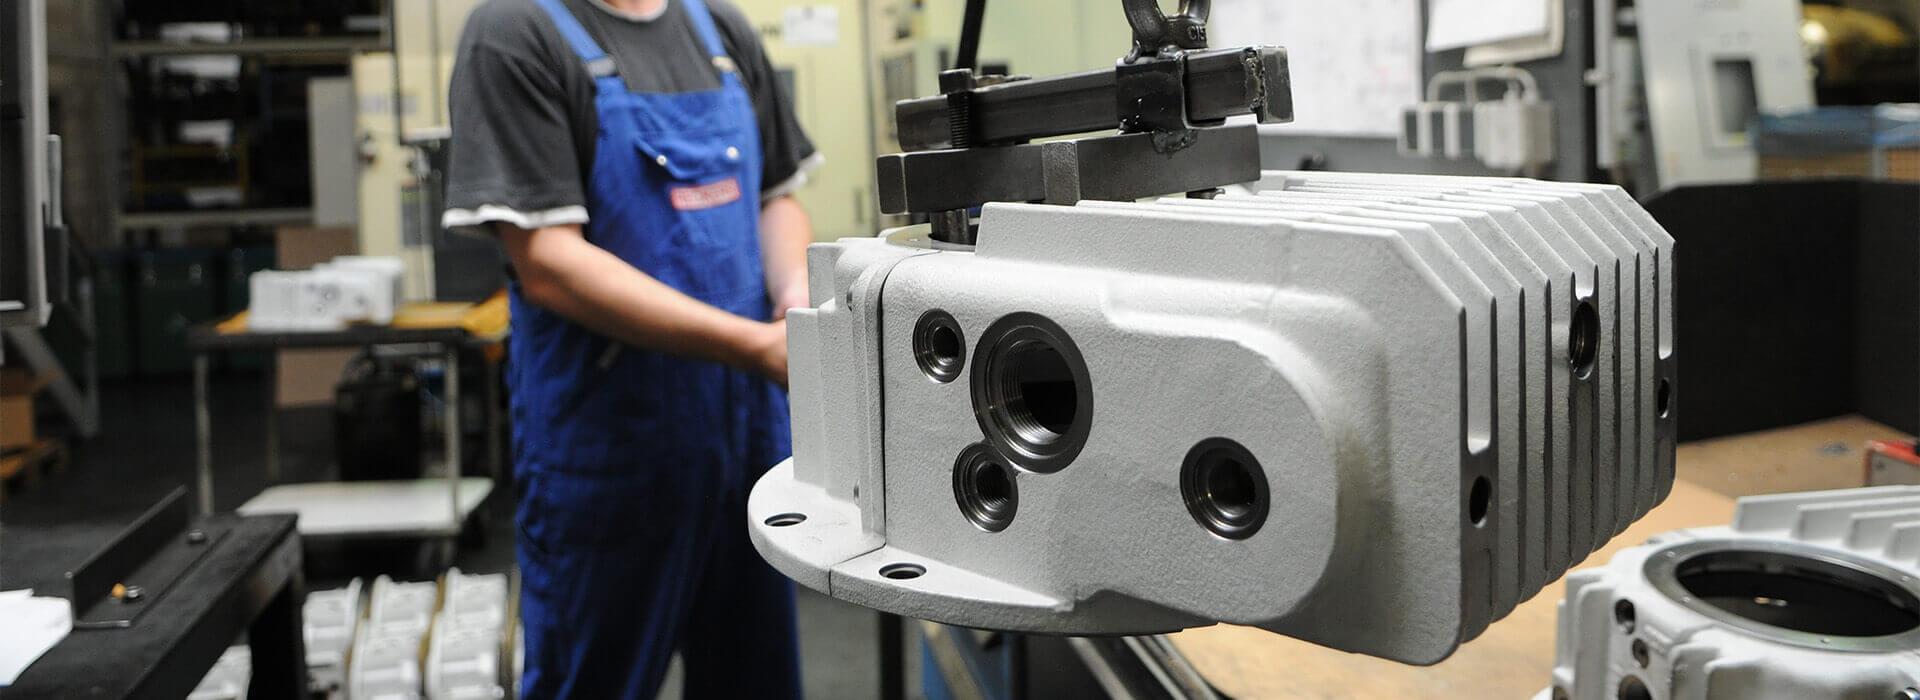 Die Maschinenfabrik von Reckers in Hörstel